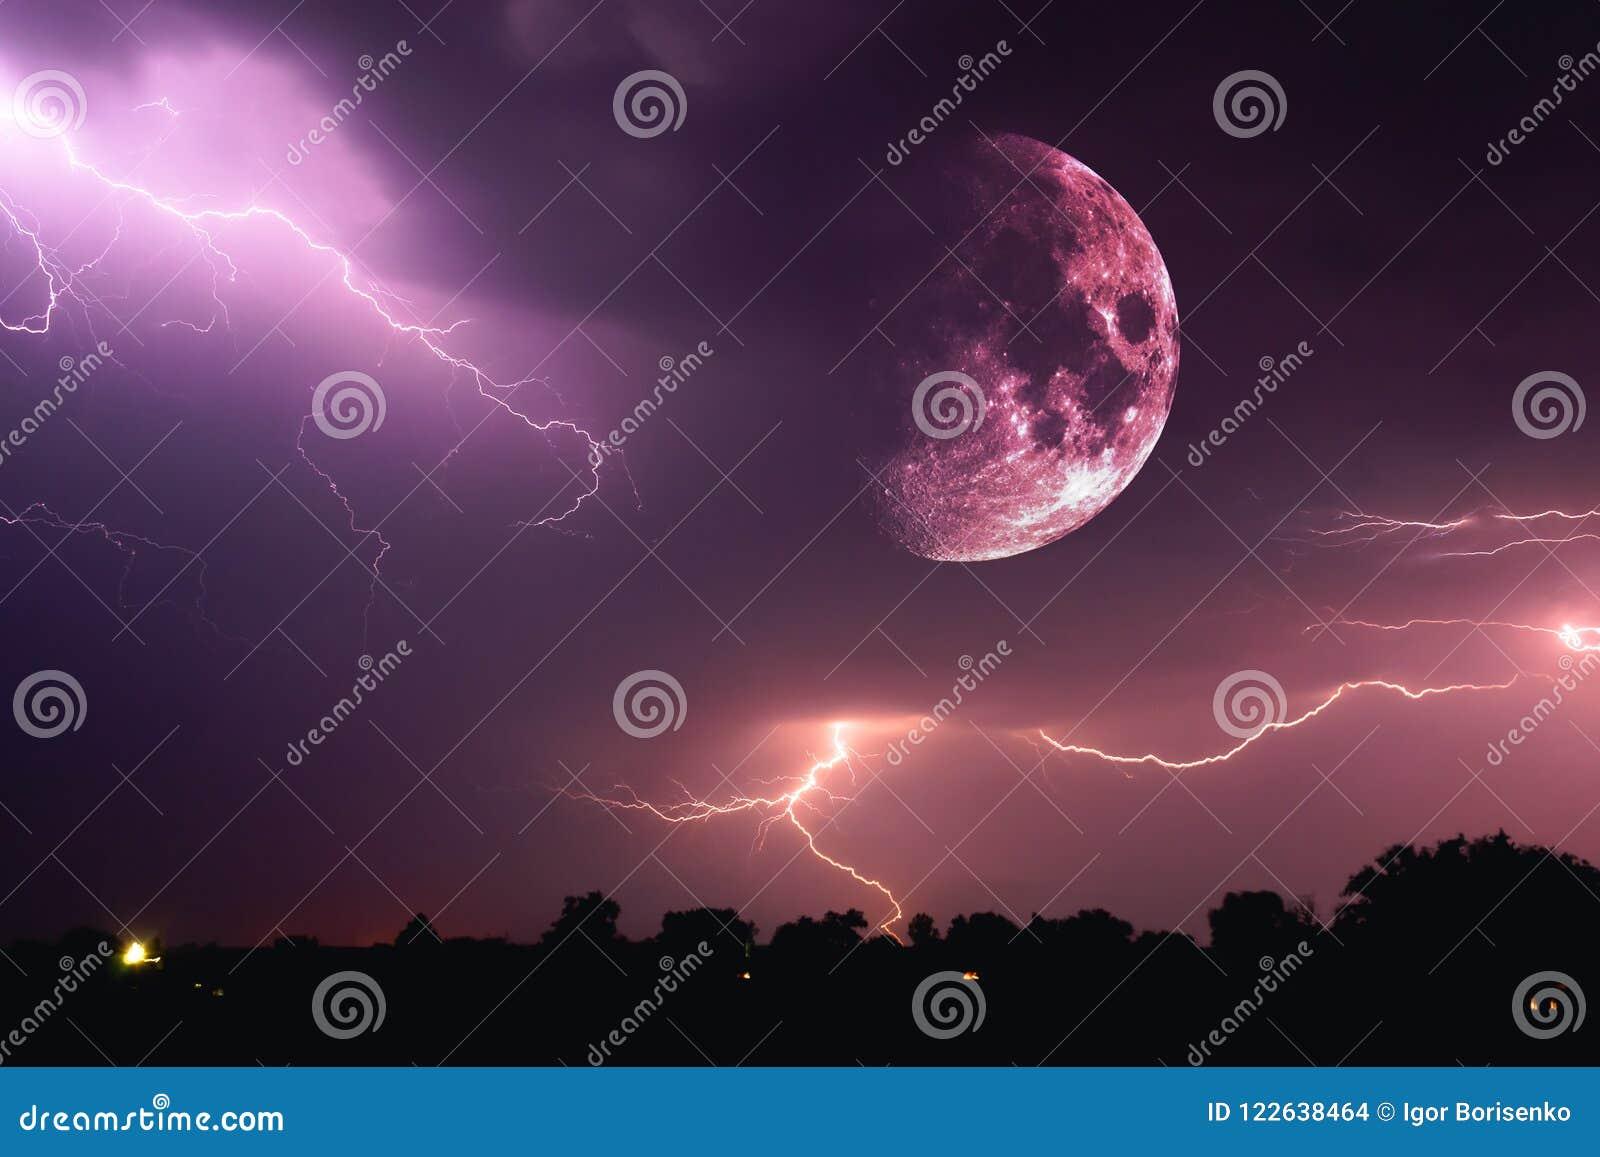 Céu noturno de Dia das Bruxas com nuvens e flashes de relâmpago e de um close up vermelho ensanguentado emergente da Lua cheia na